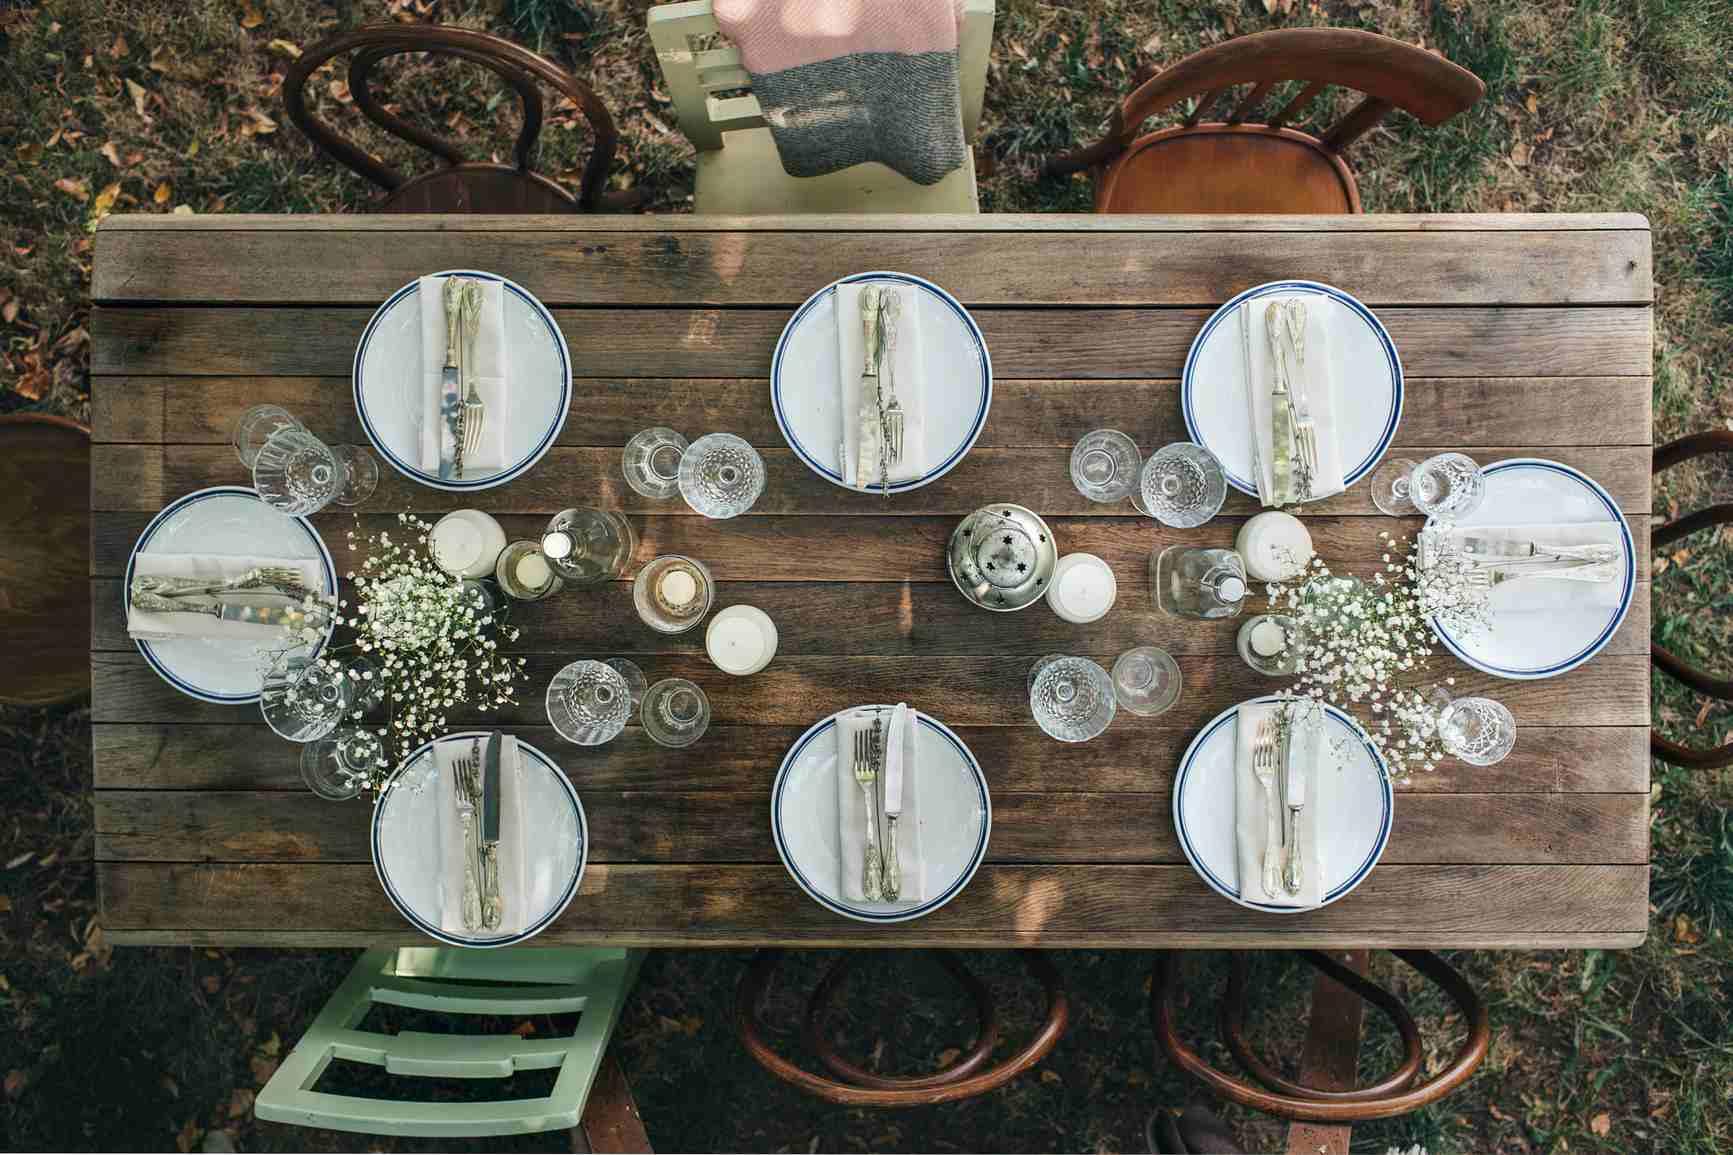 mesa de madera con platos, cubiertos y sillas afuera